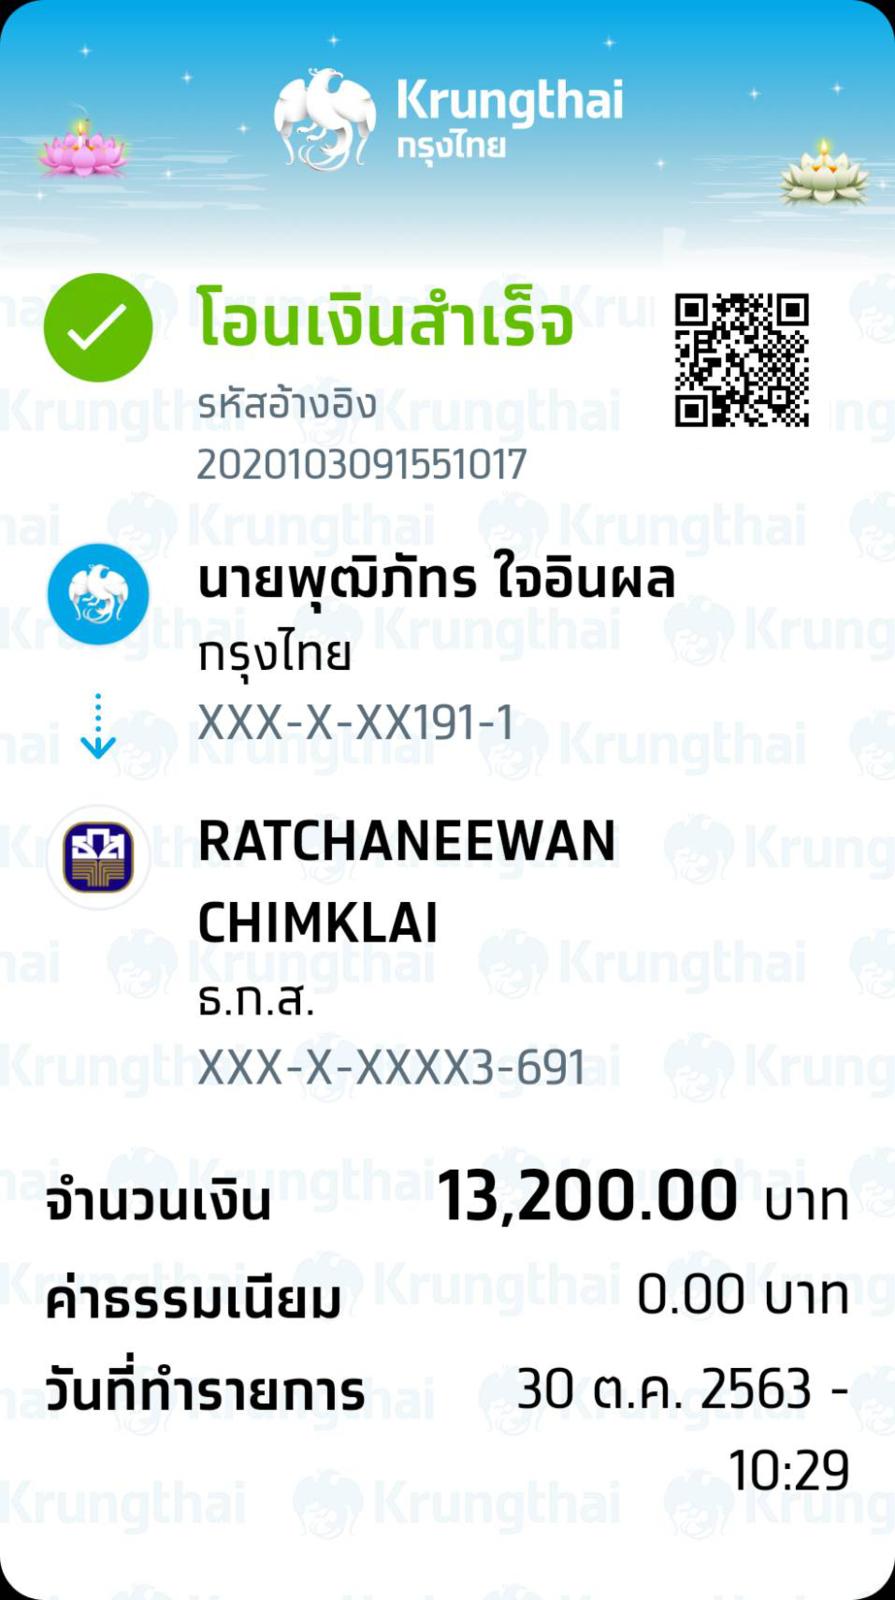 upload_2020-10-30_10-46-32.png